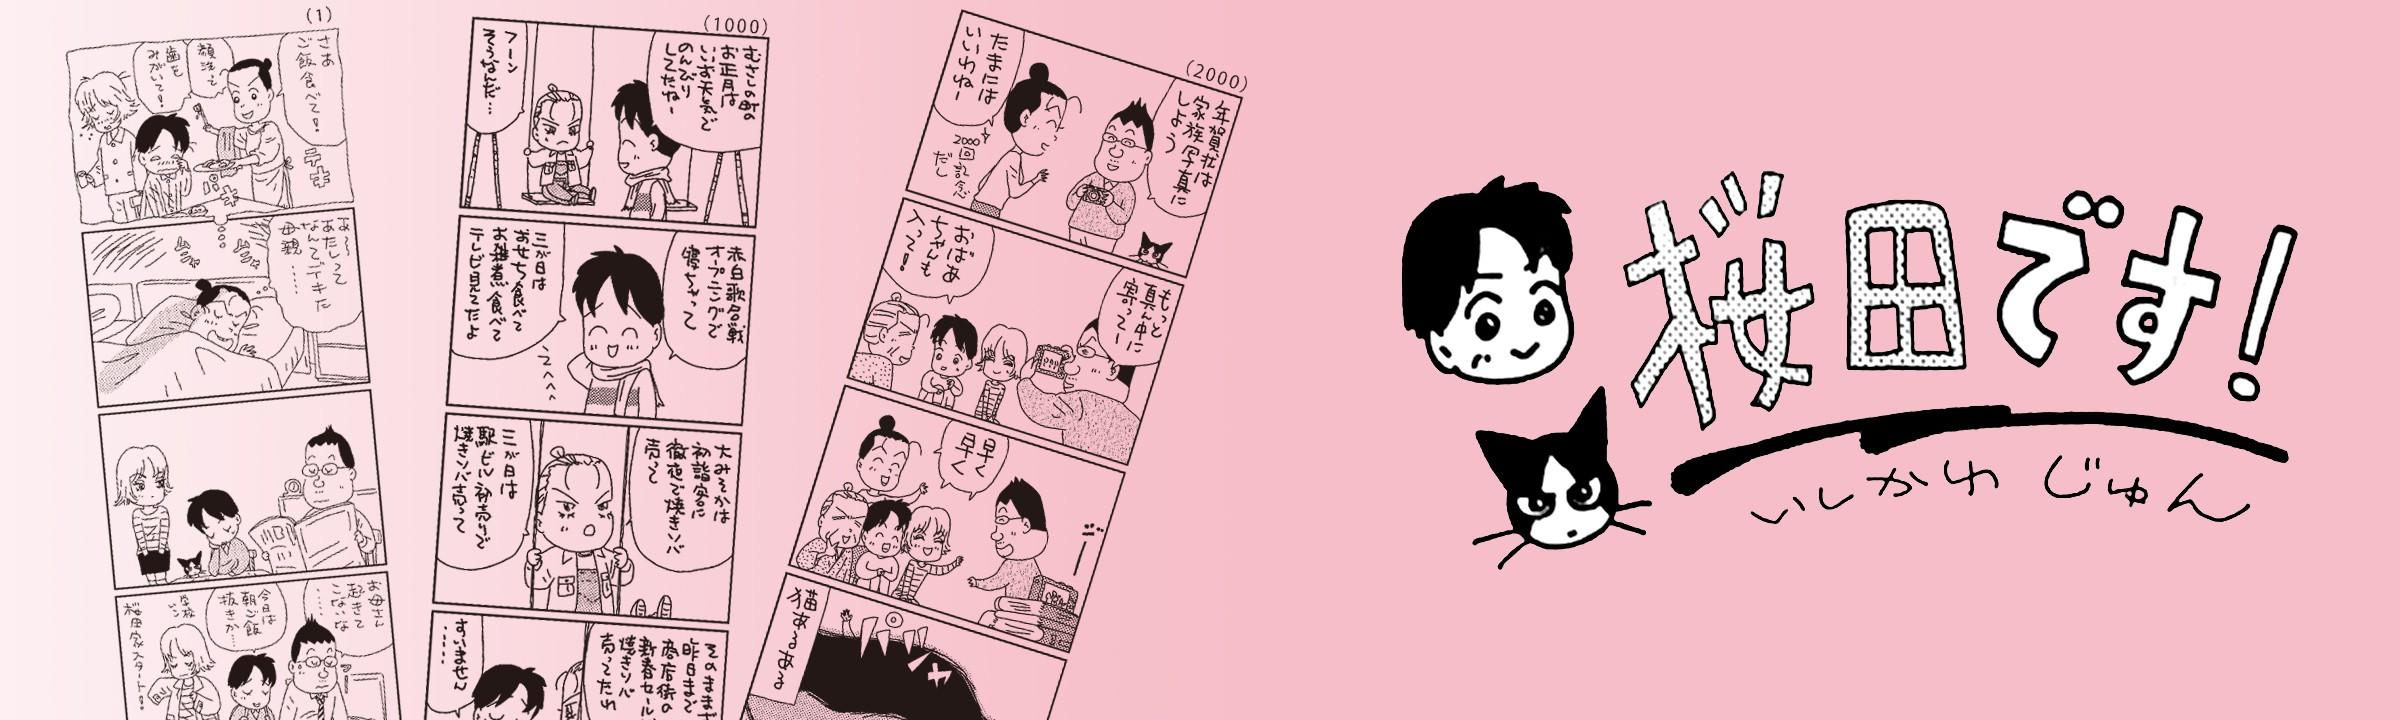 連載 桜田です